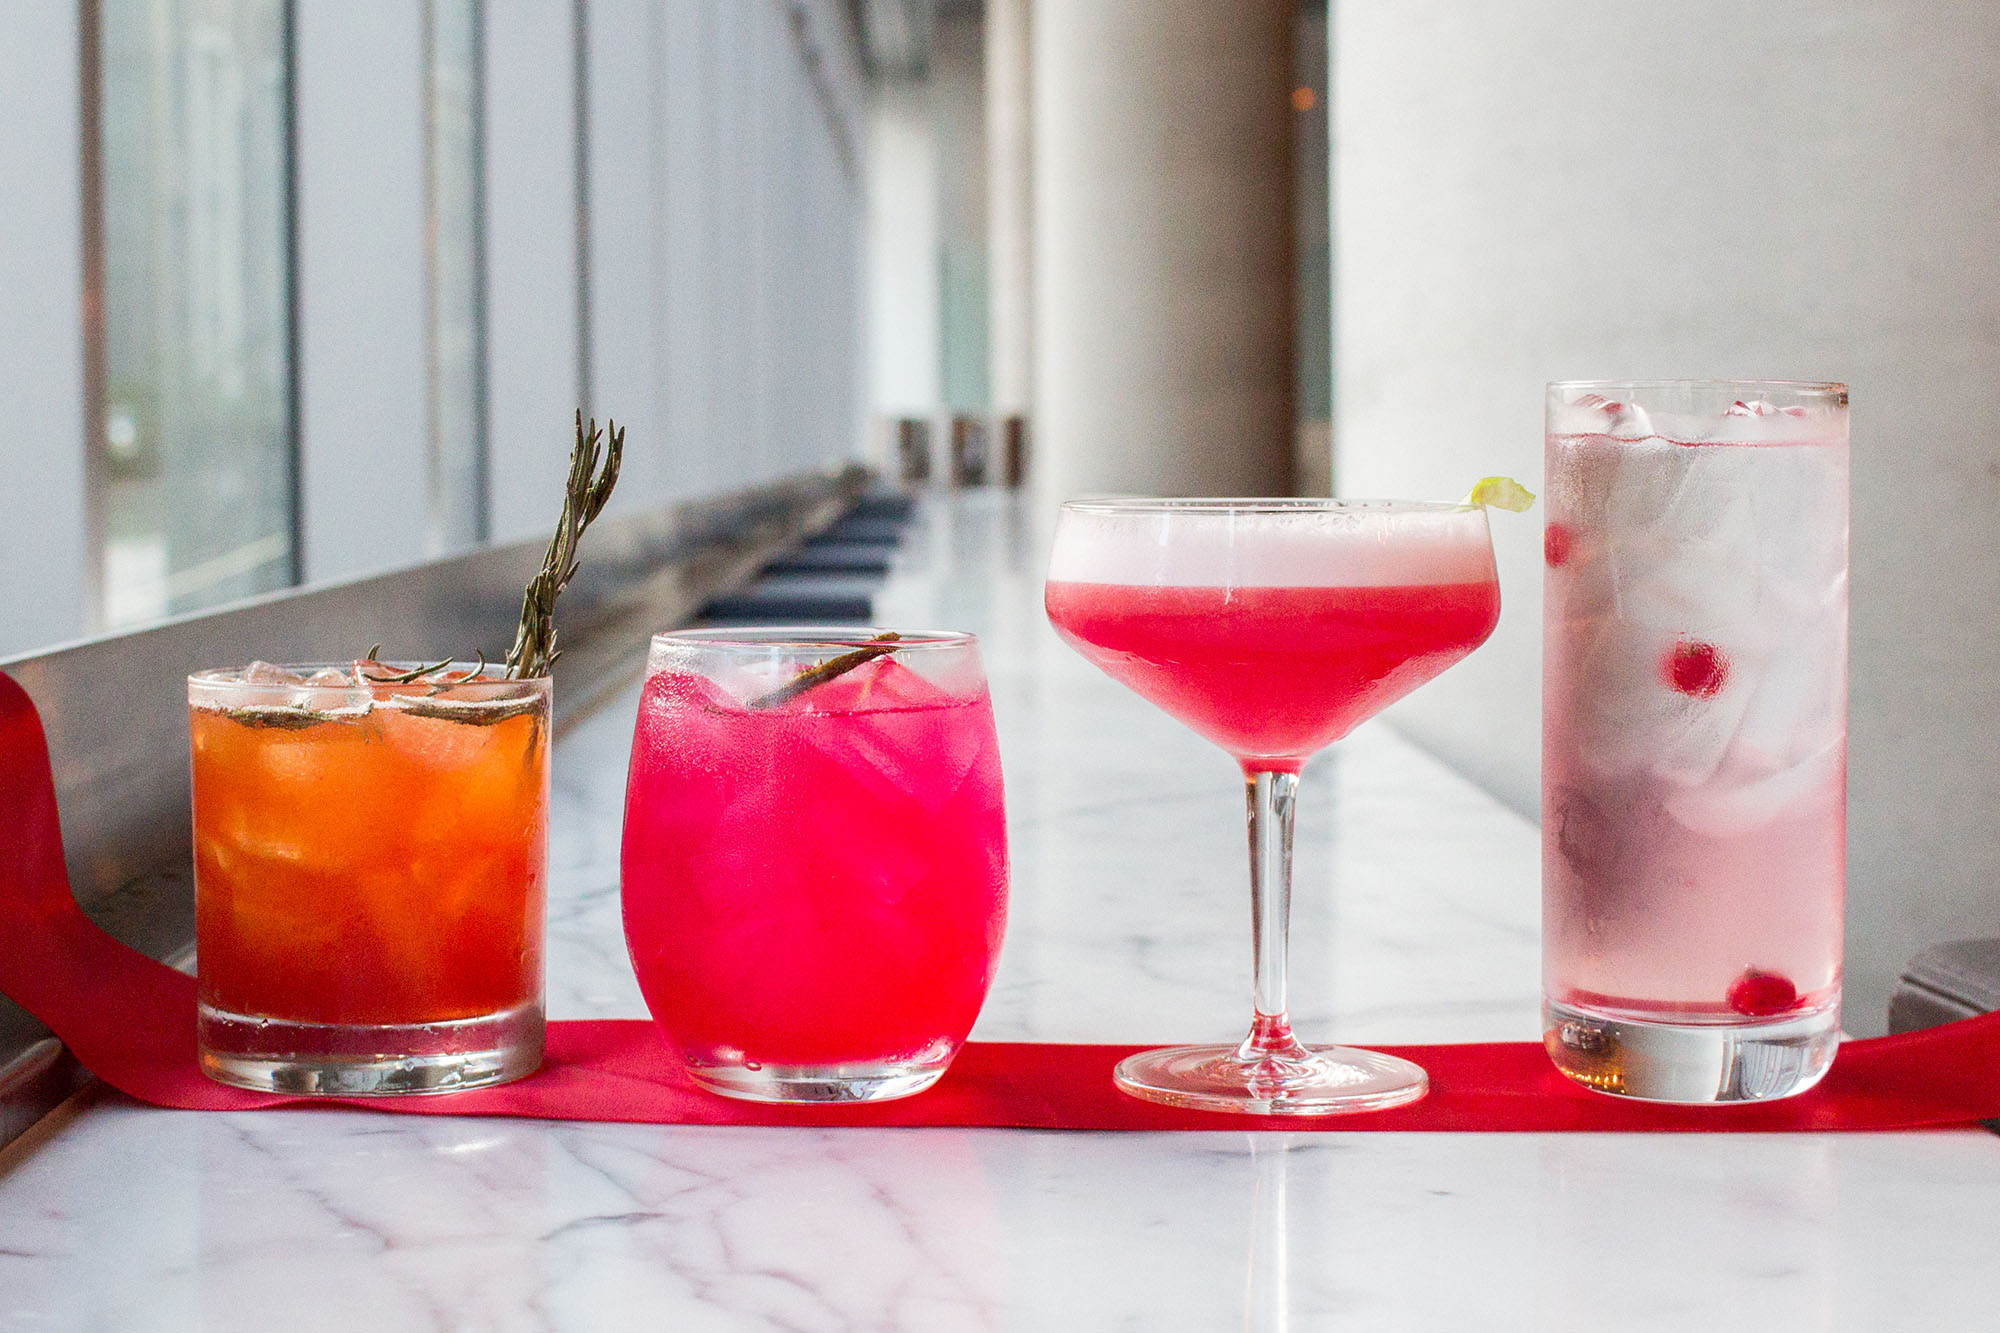 TIFF 2019 cocktails on bar